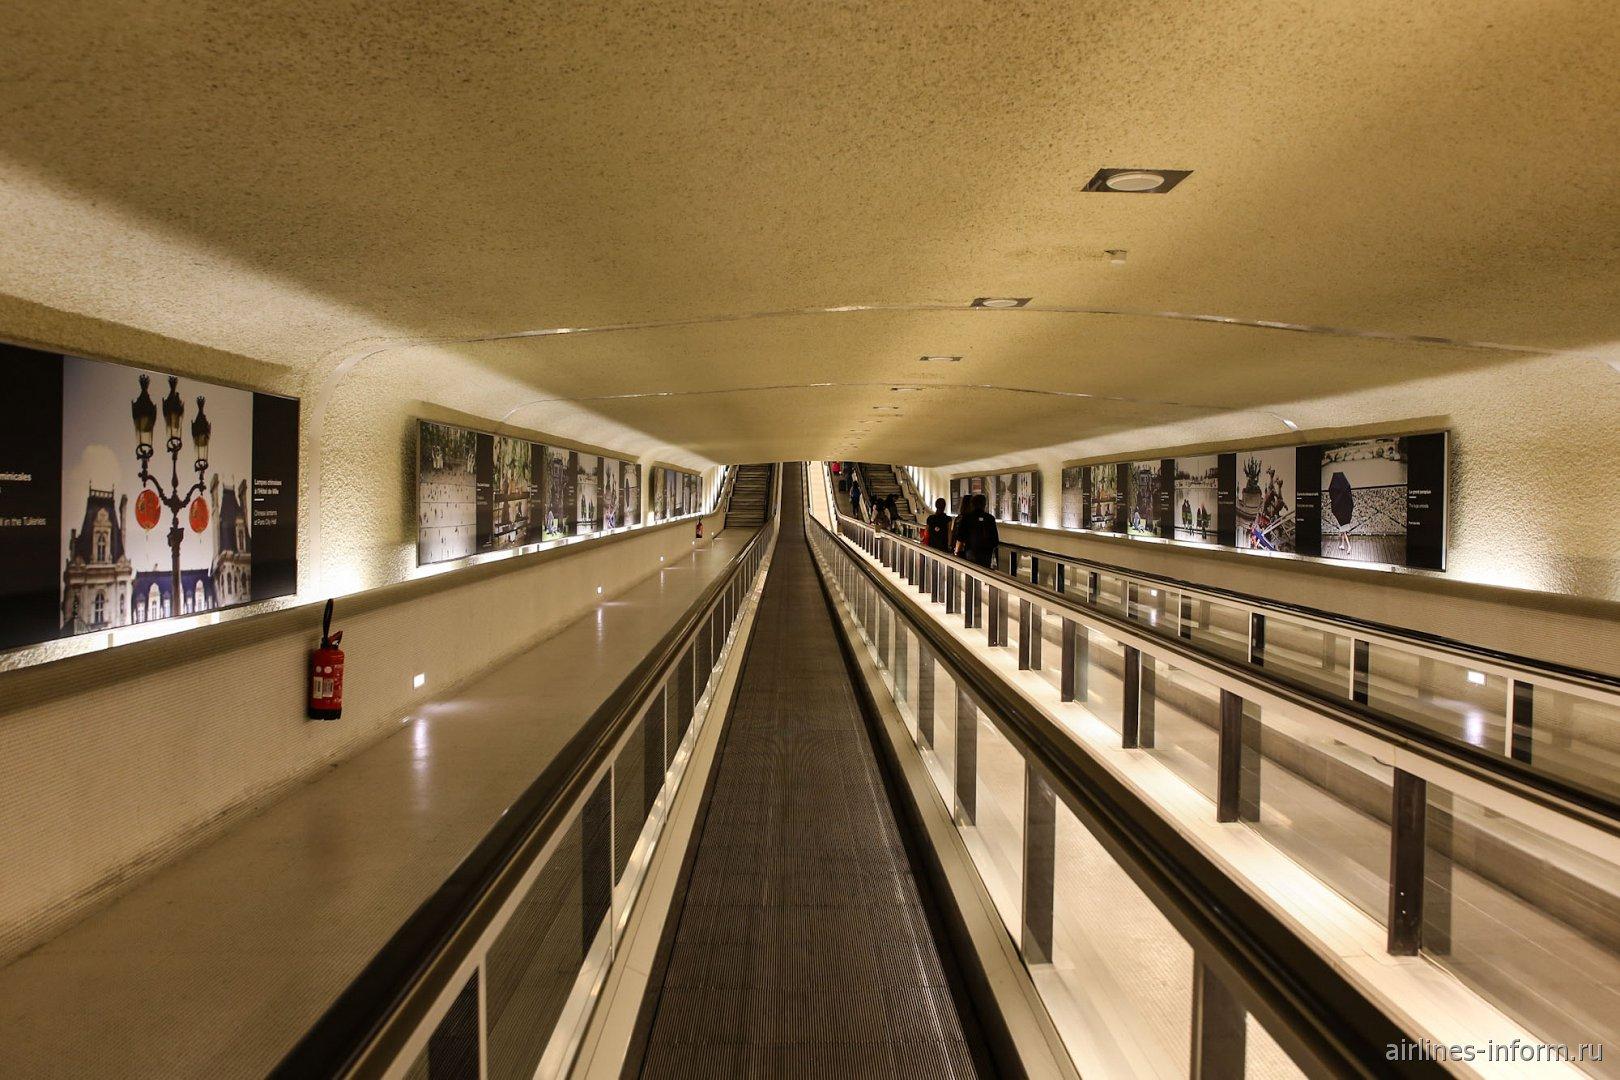 Переход к посадочным павильонам в терминале 1 аэропорта Париж Шарль-де-Голль